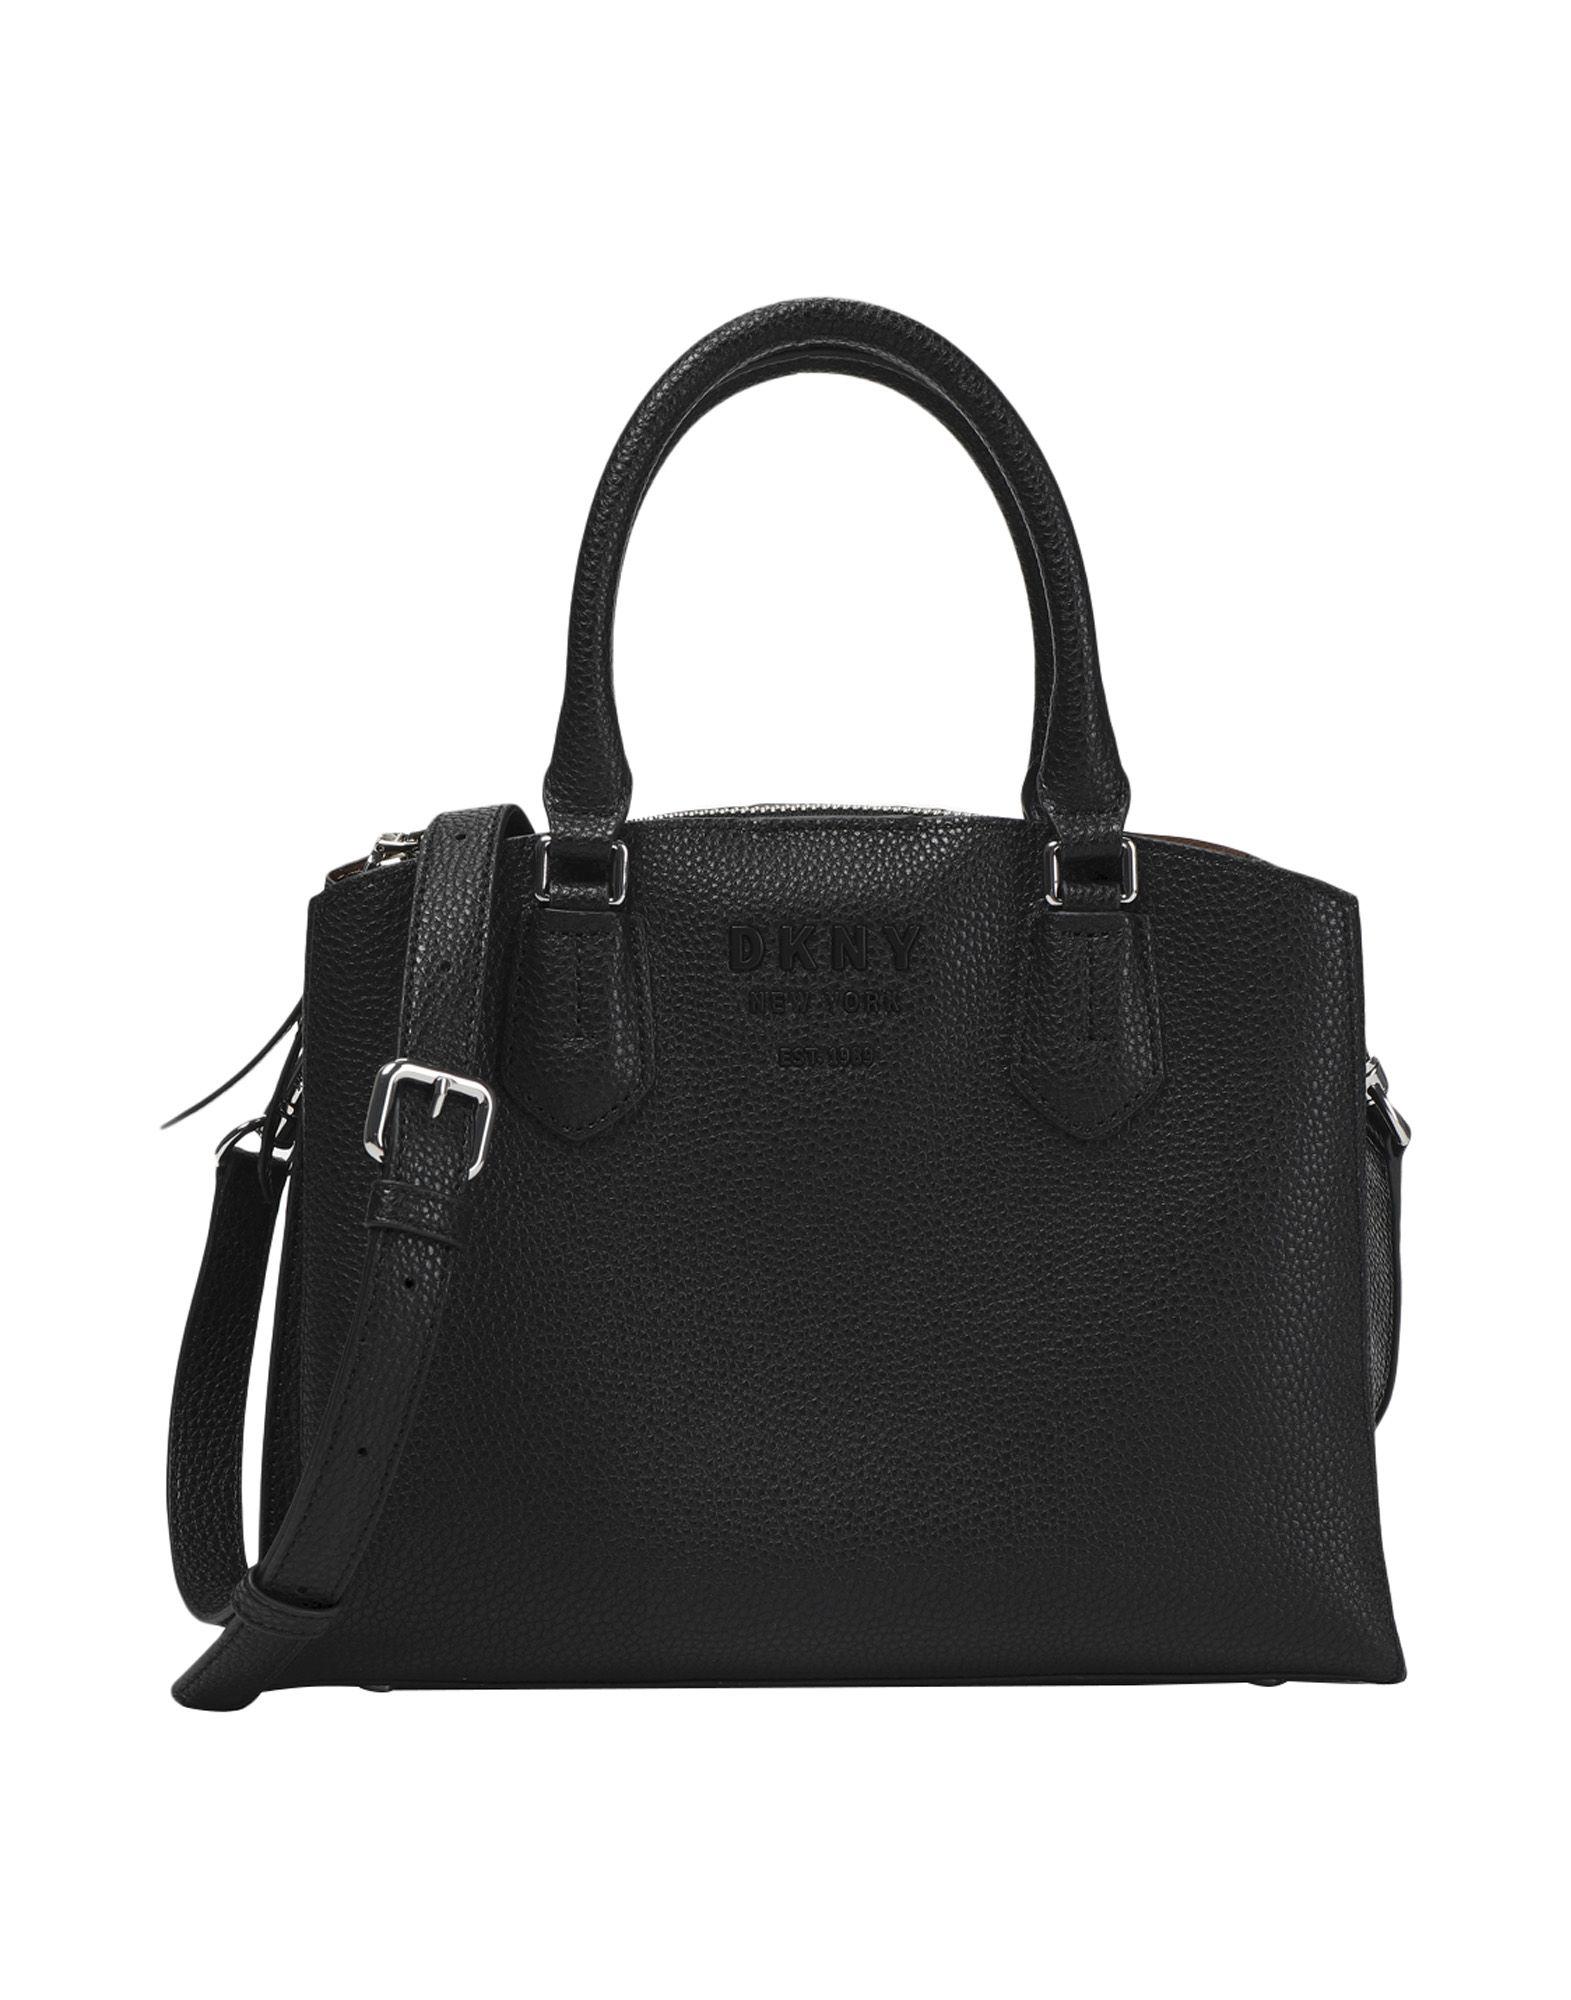 Dkny Handbag Handbags Yoox Com